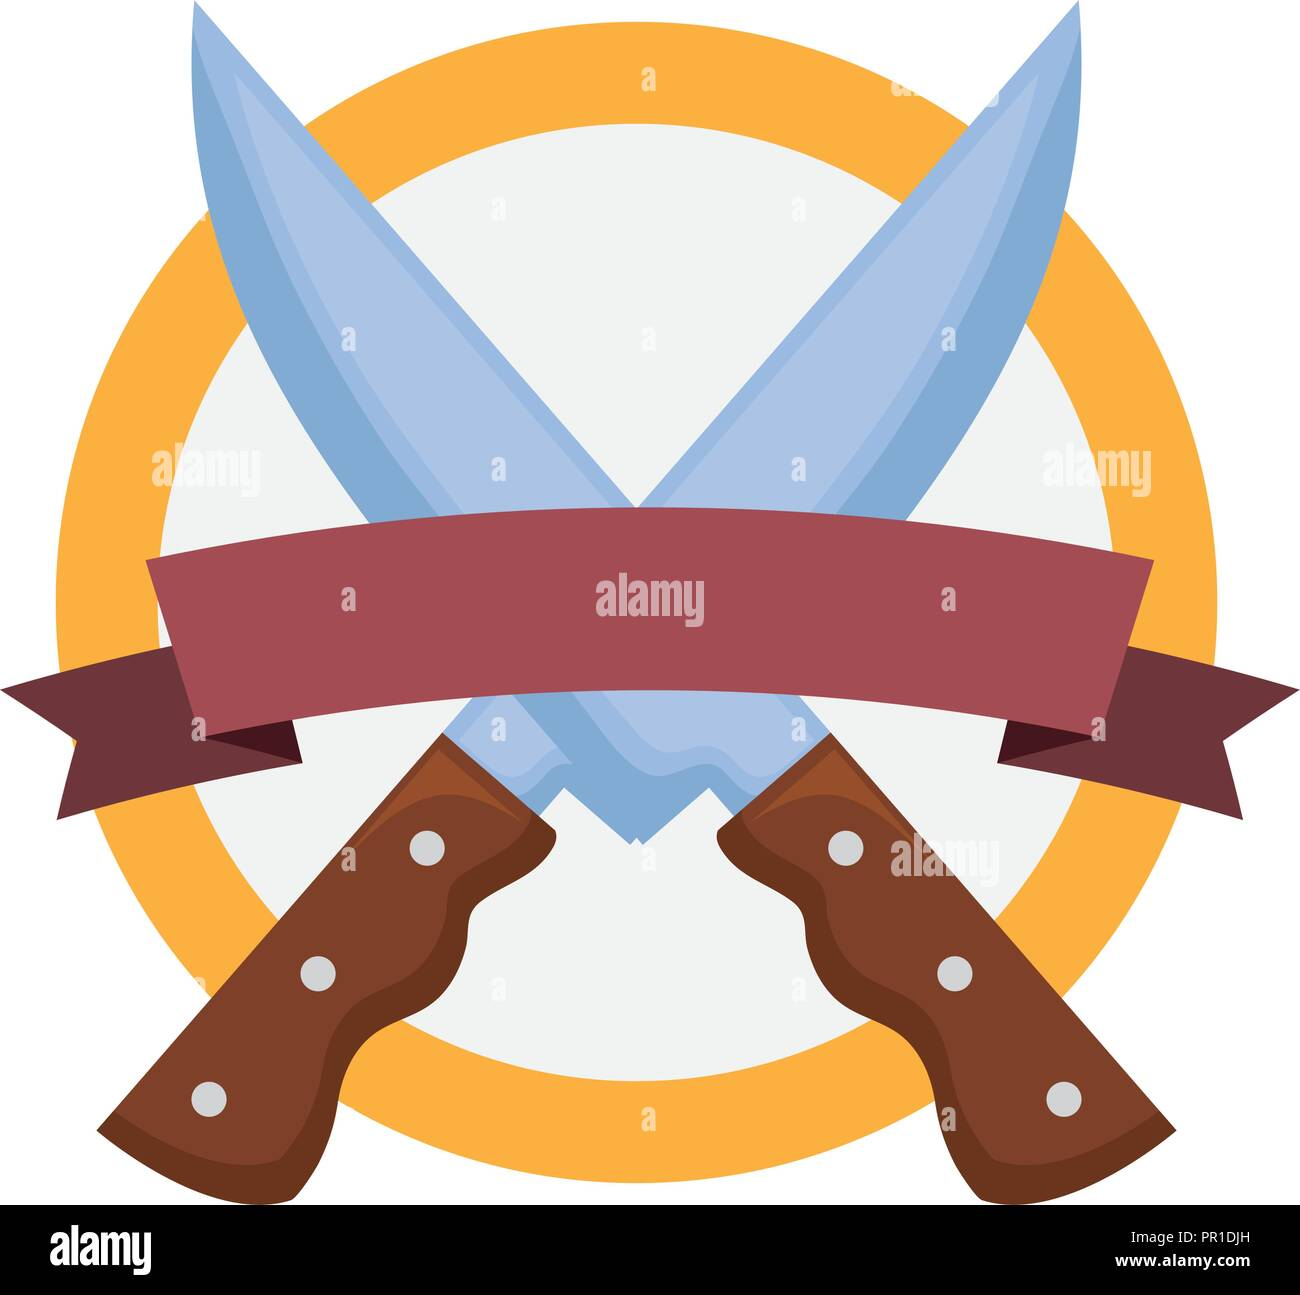 cook crossed knifes banner emblem vector illustration - Stock Image